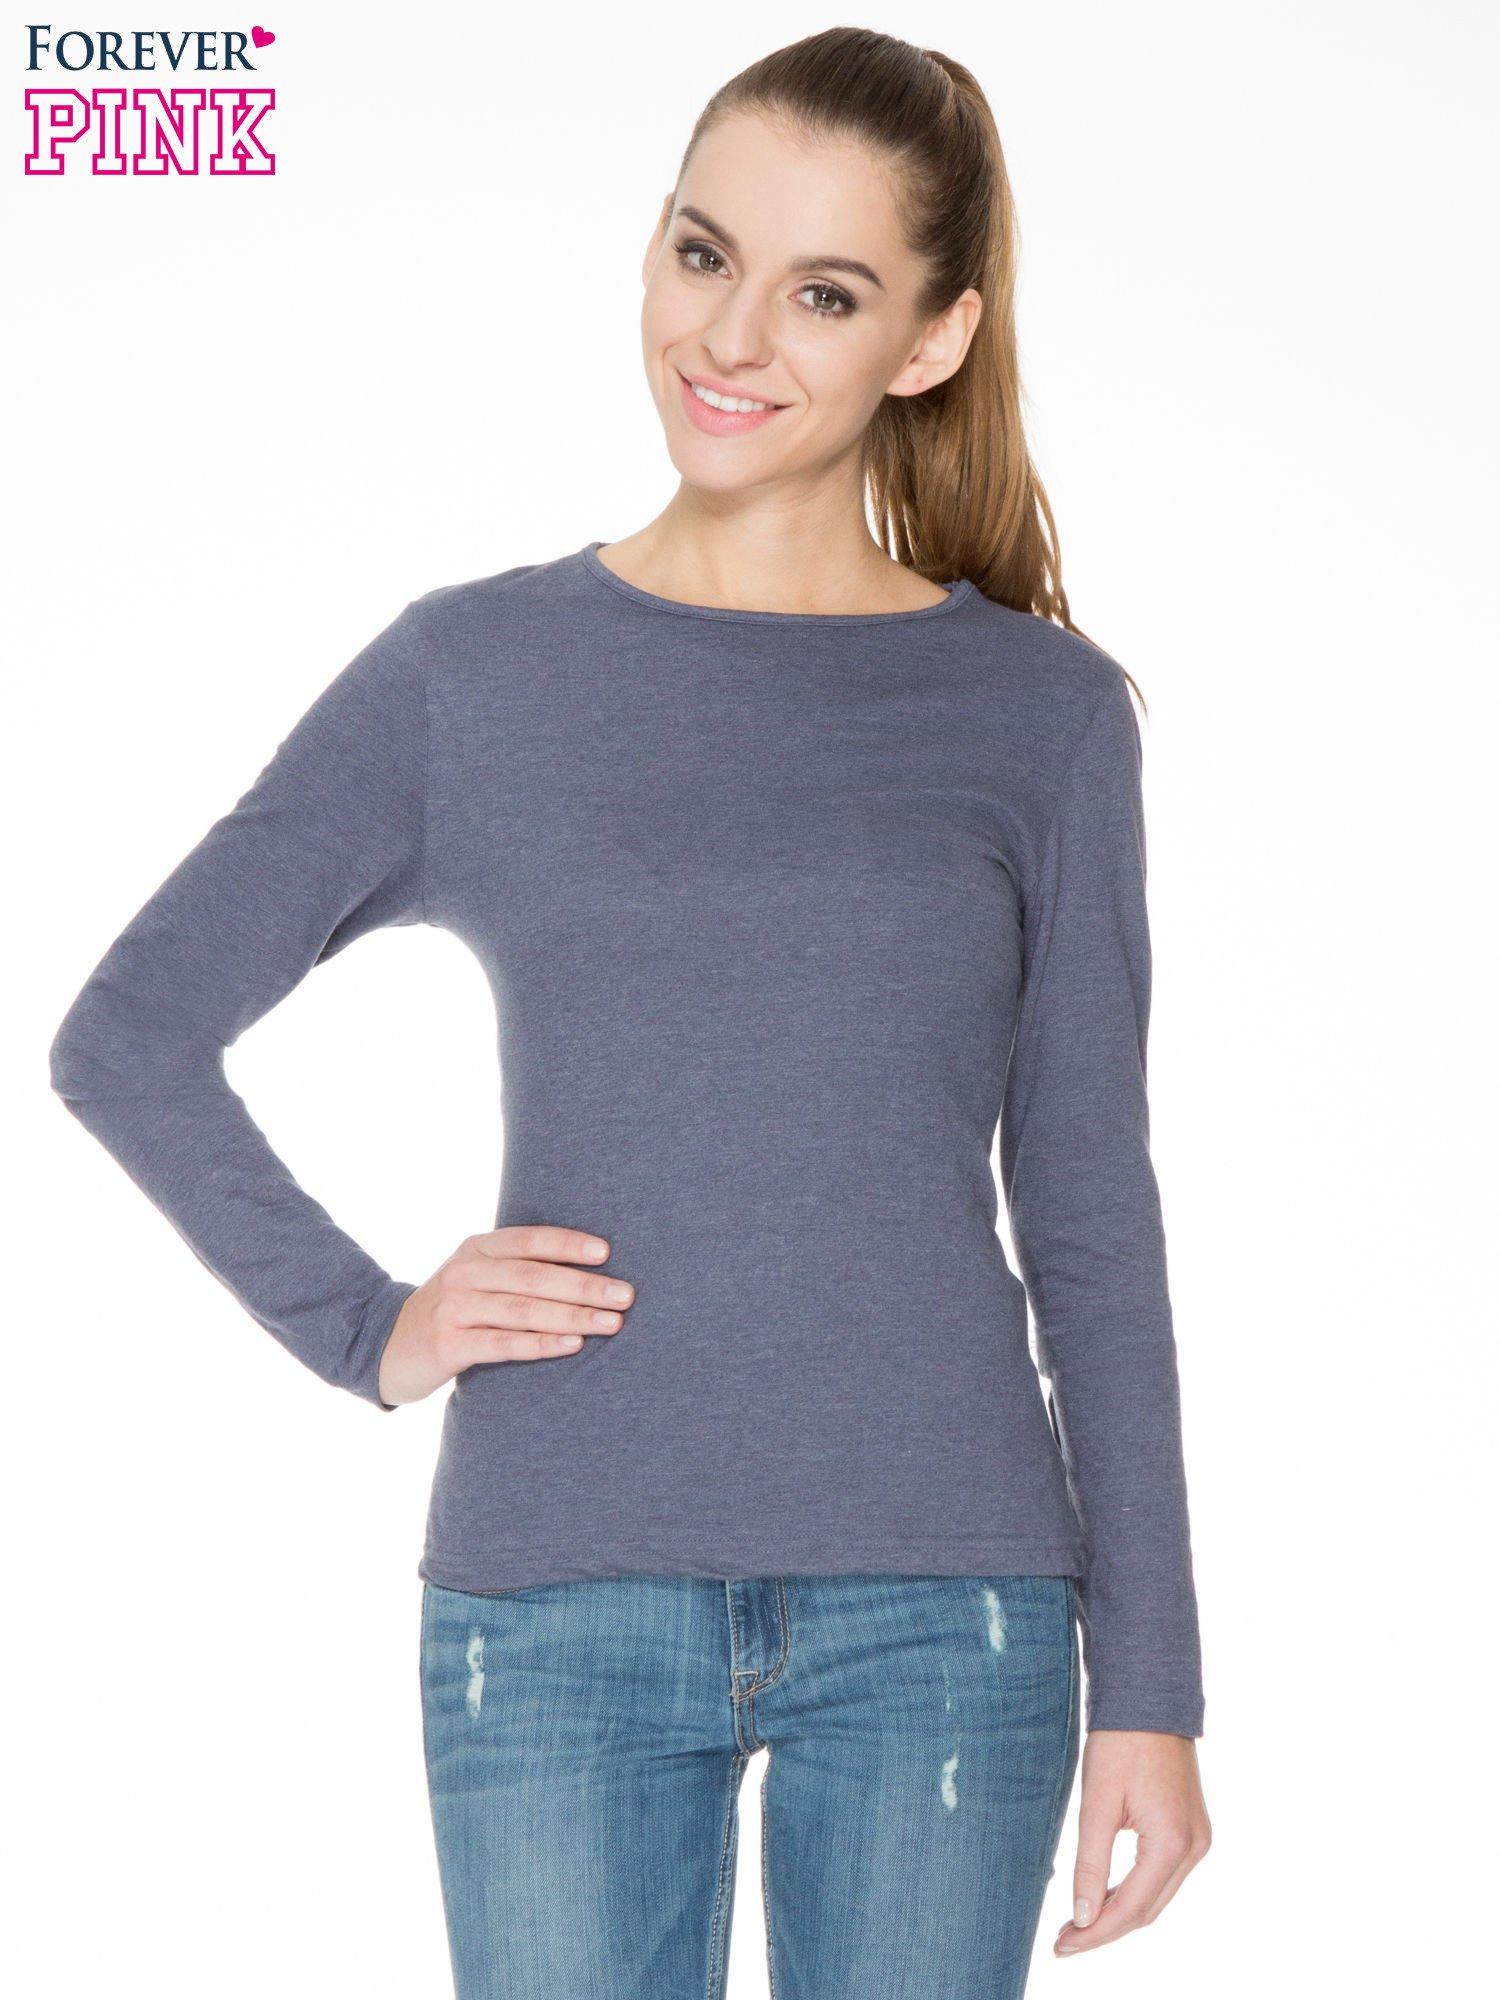 Granatowa bawełniana bluzka typu basic z długim rękawem                                  zdj.                                  1